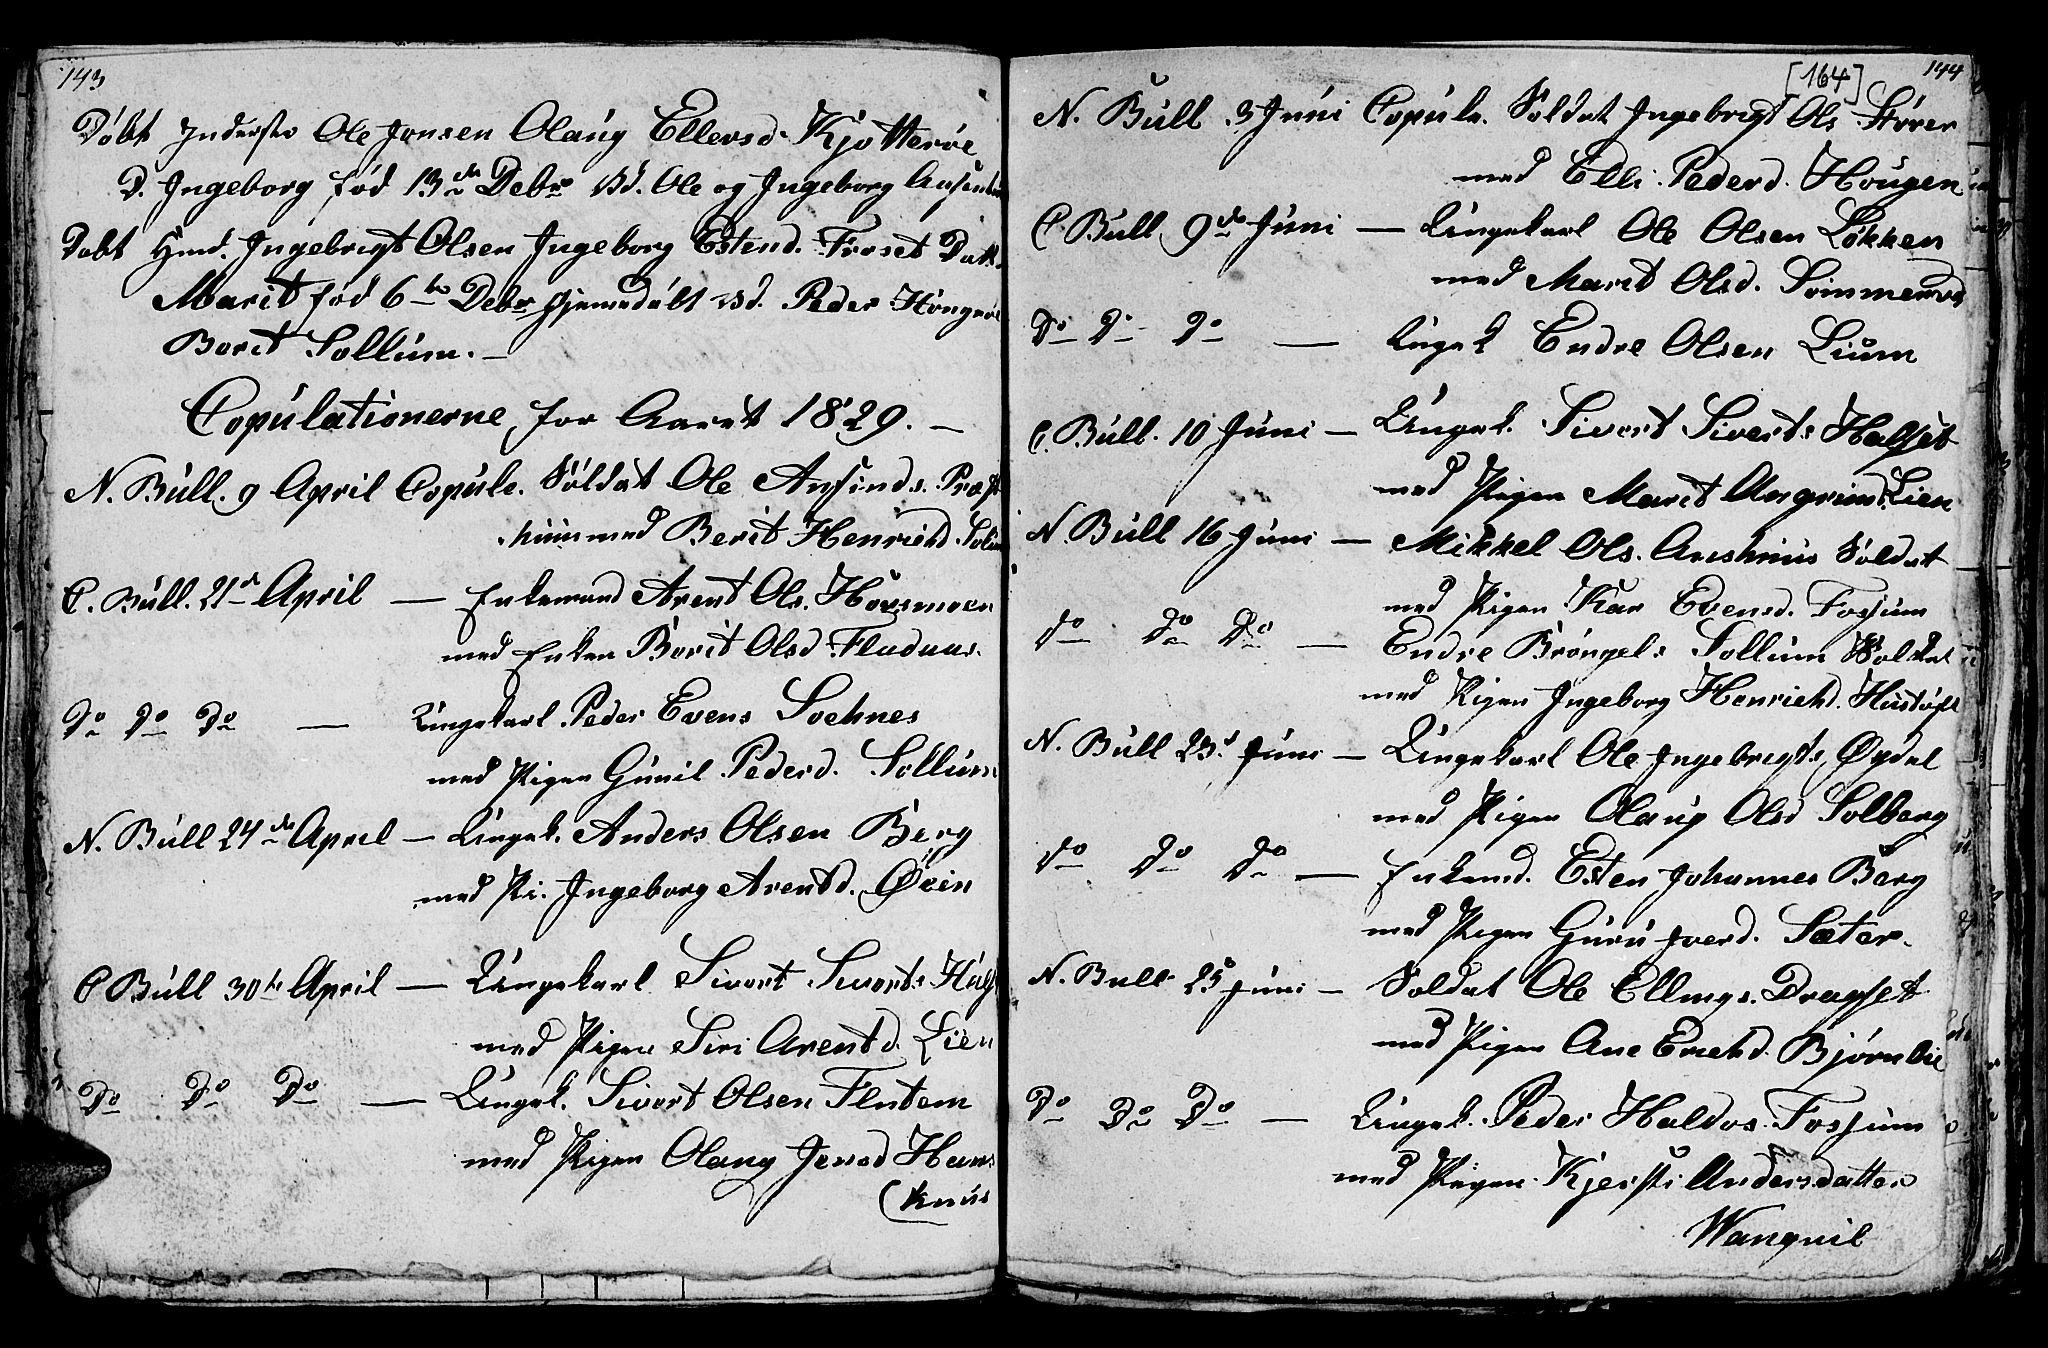 SAT, Ministerialprotokoller, klokkerbøker og fødselsregistre - Sør-Trøndelag, 689/L1042: Klokkerbok nr. 689C01, 1812-1841, s. 163-164